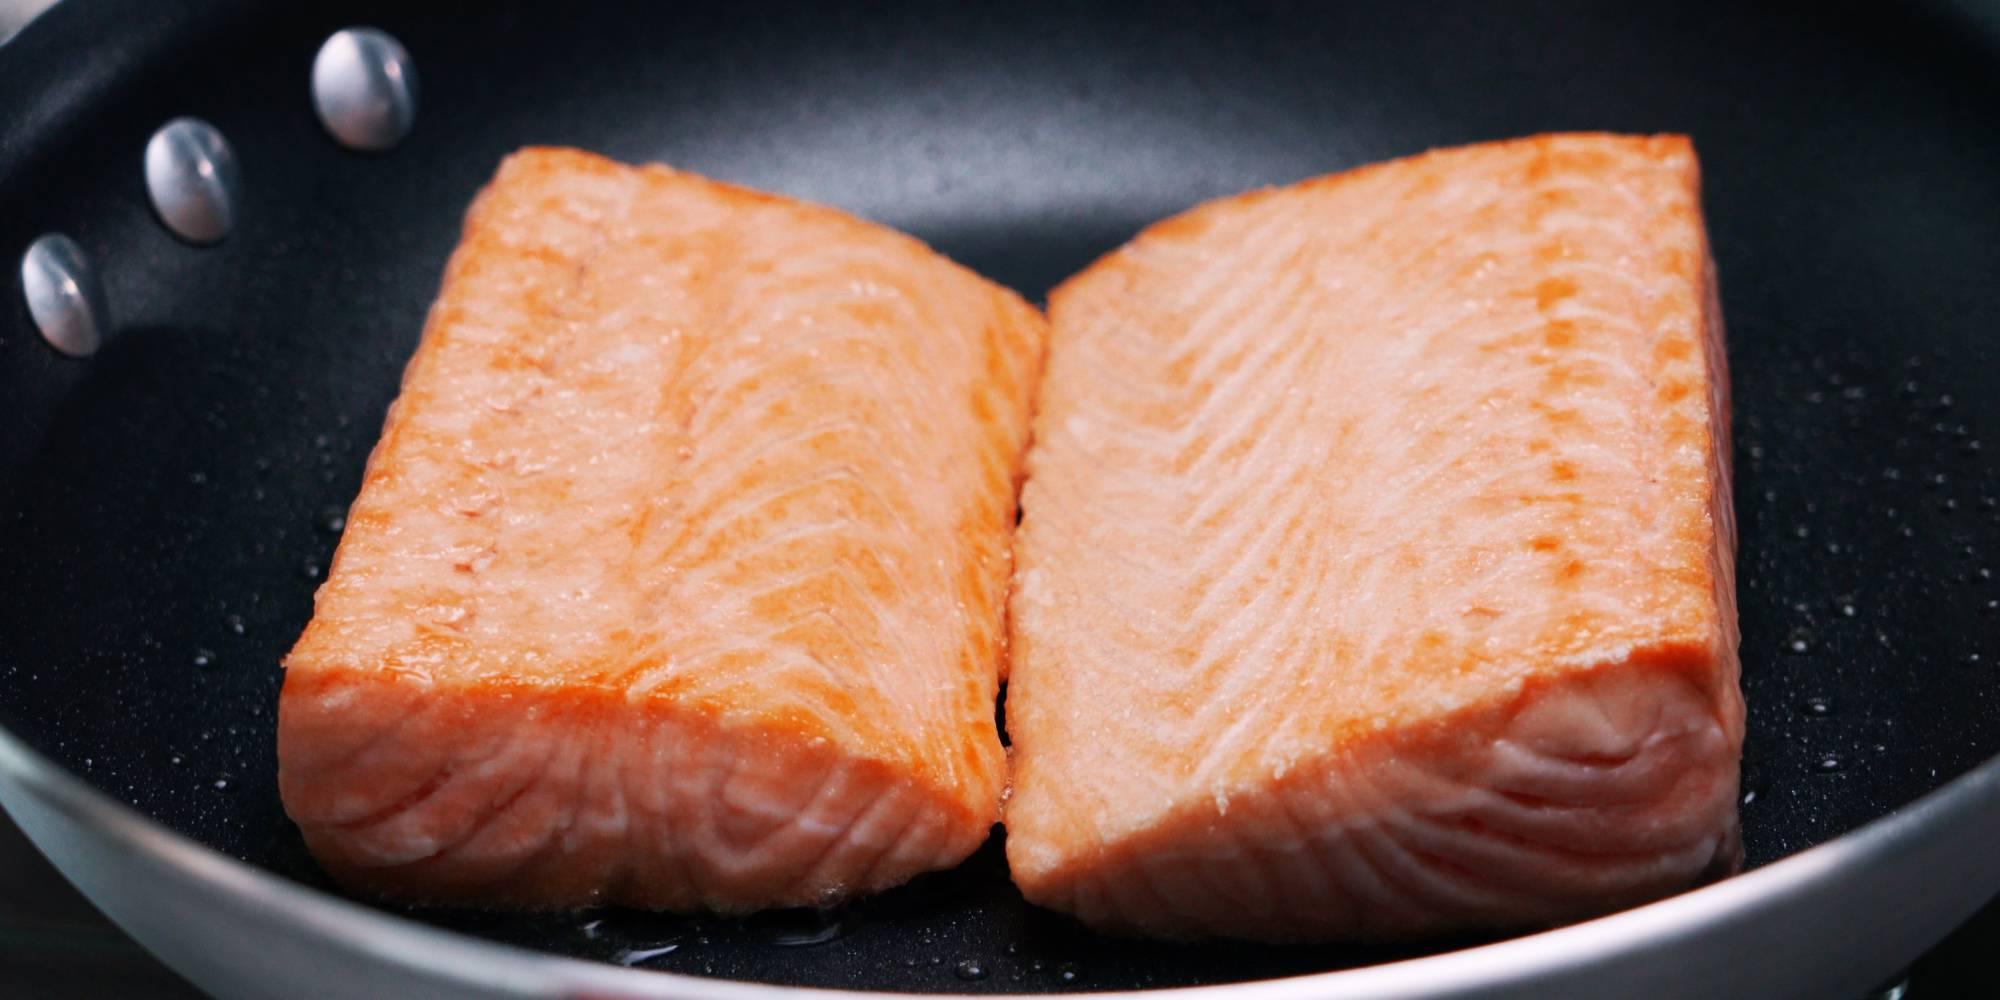 Pan-fried salmon filets.